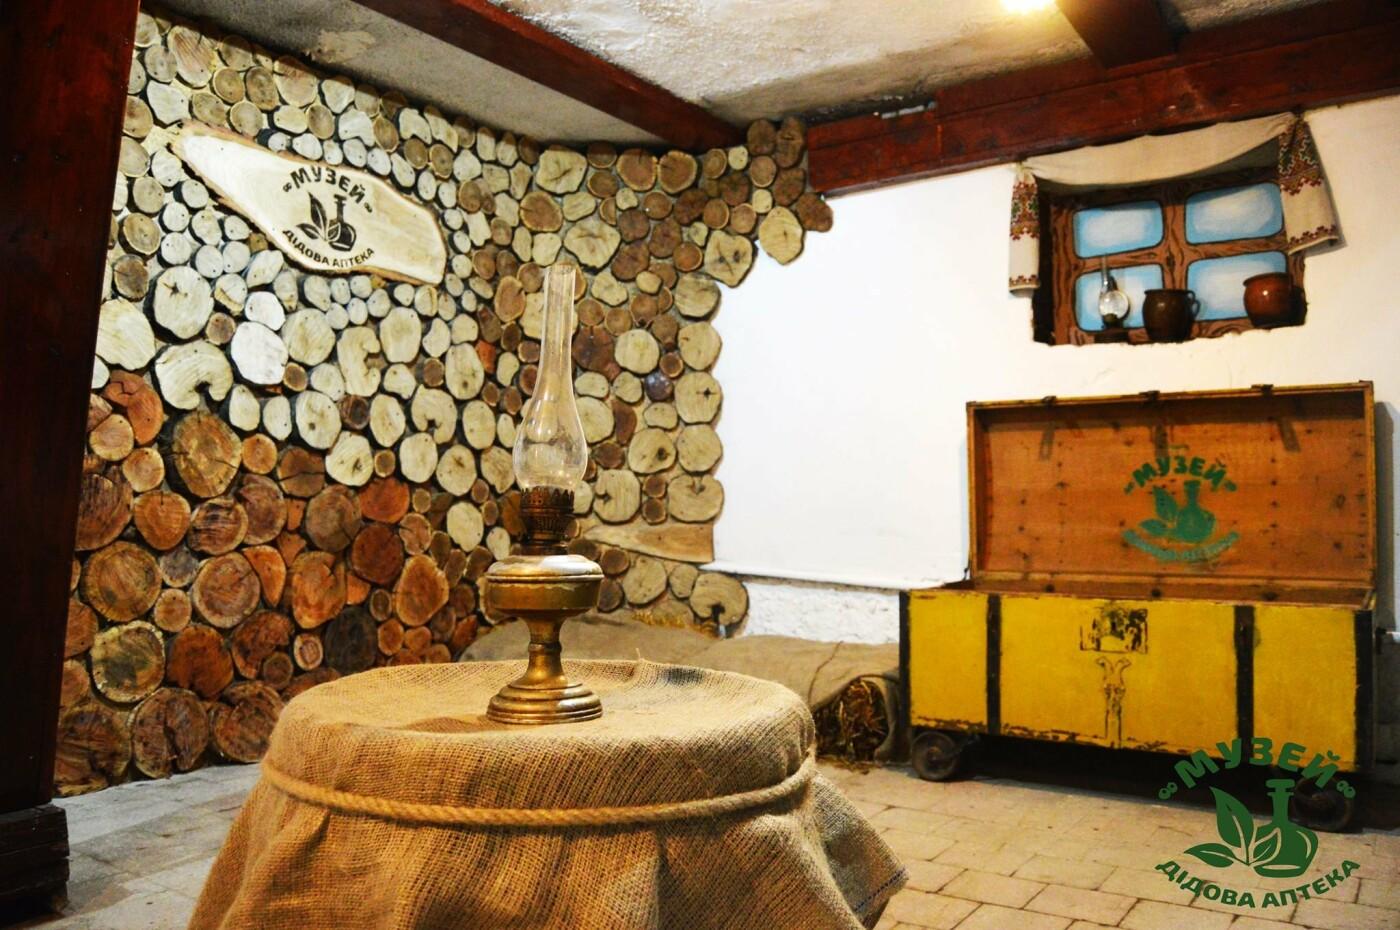 У Криворівні працює перший музей-крамниця настоянок за старовинними рецептами (фото, відео), фото-26